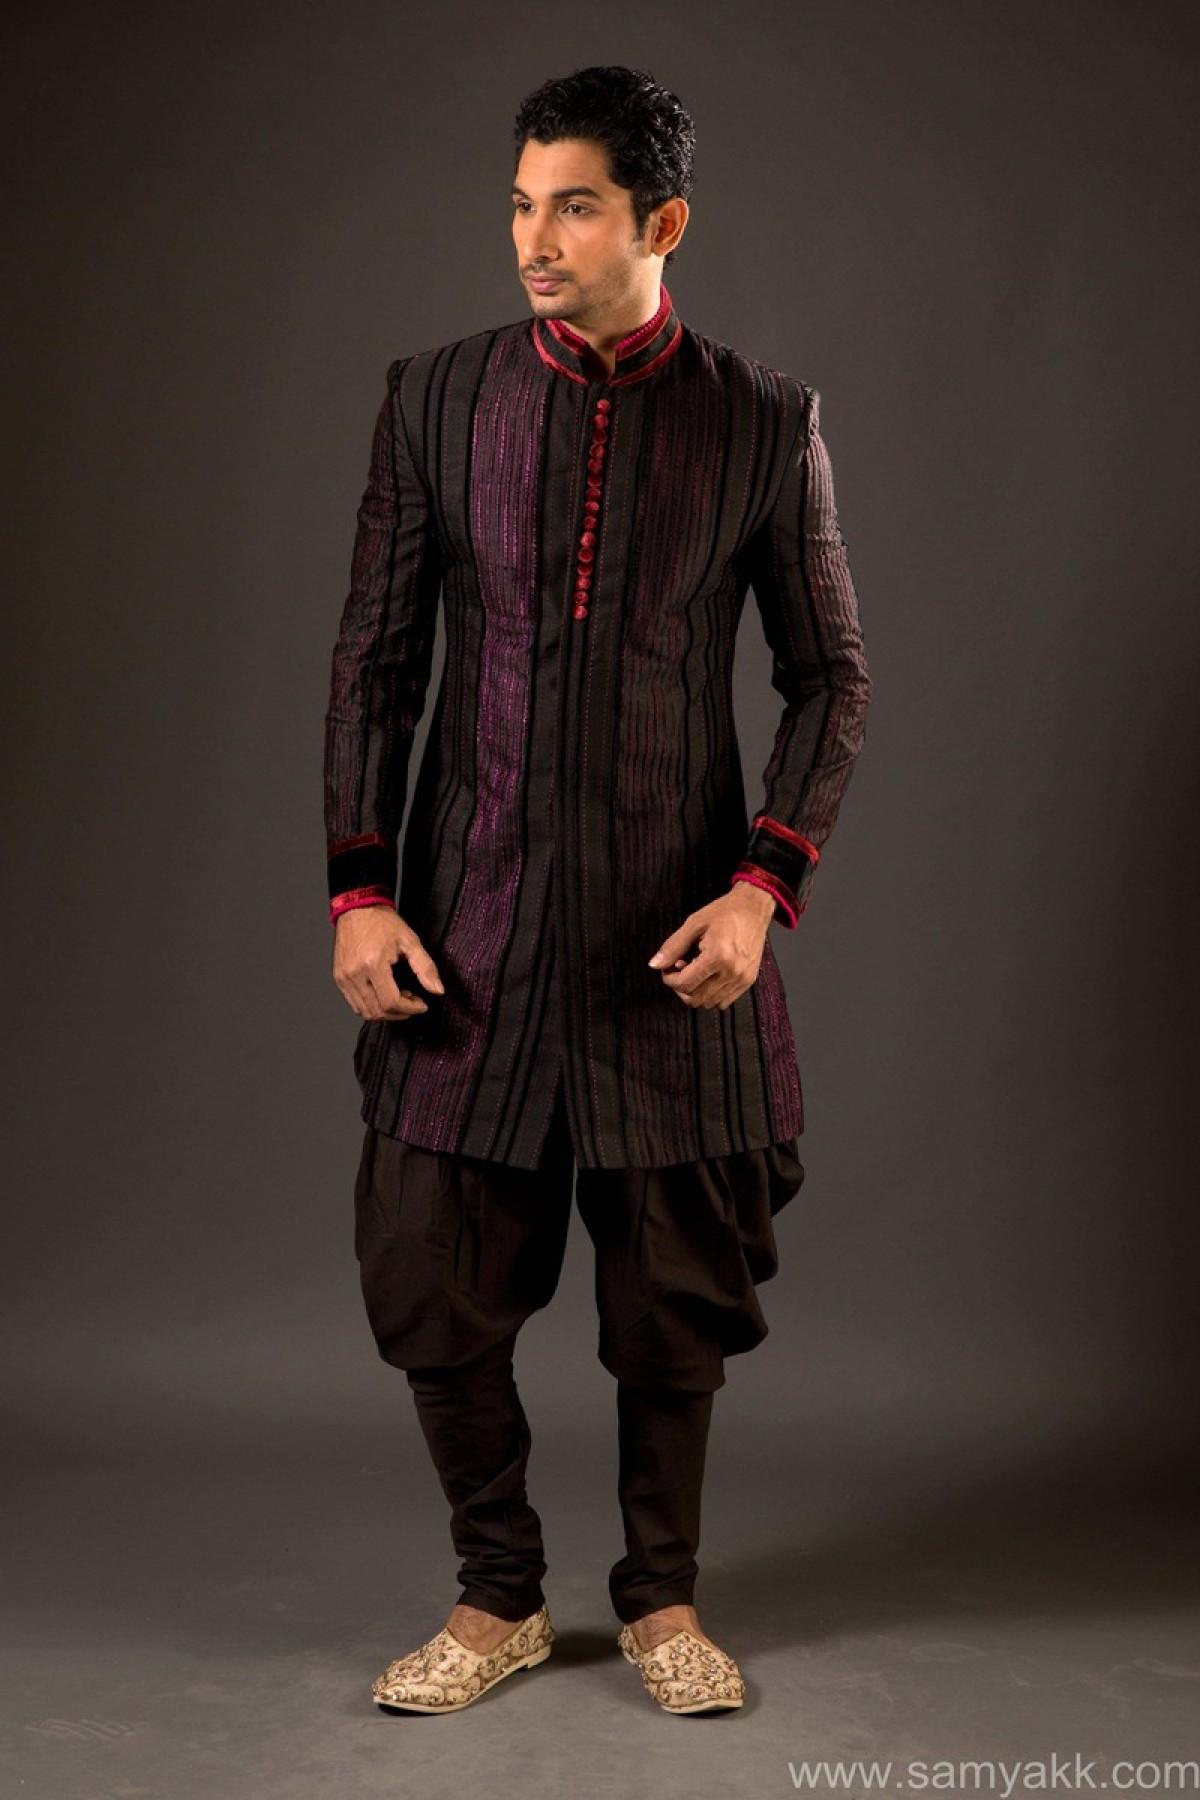 Pics Photos - Sherwani Jodhpuri Suit Mens Sherwaniswedding Pictures